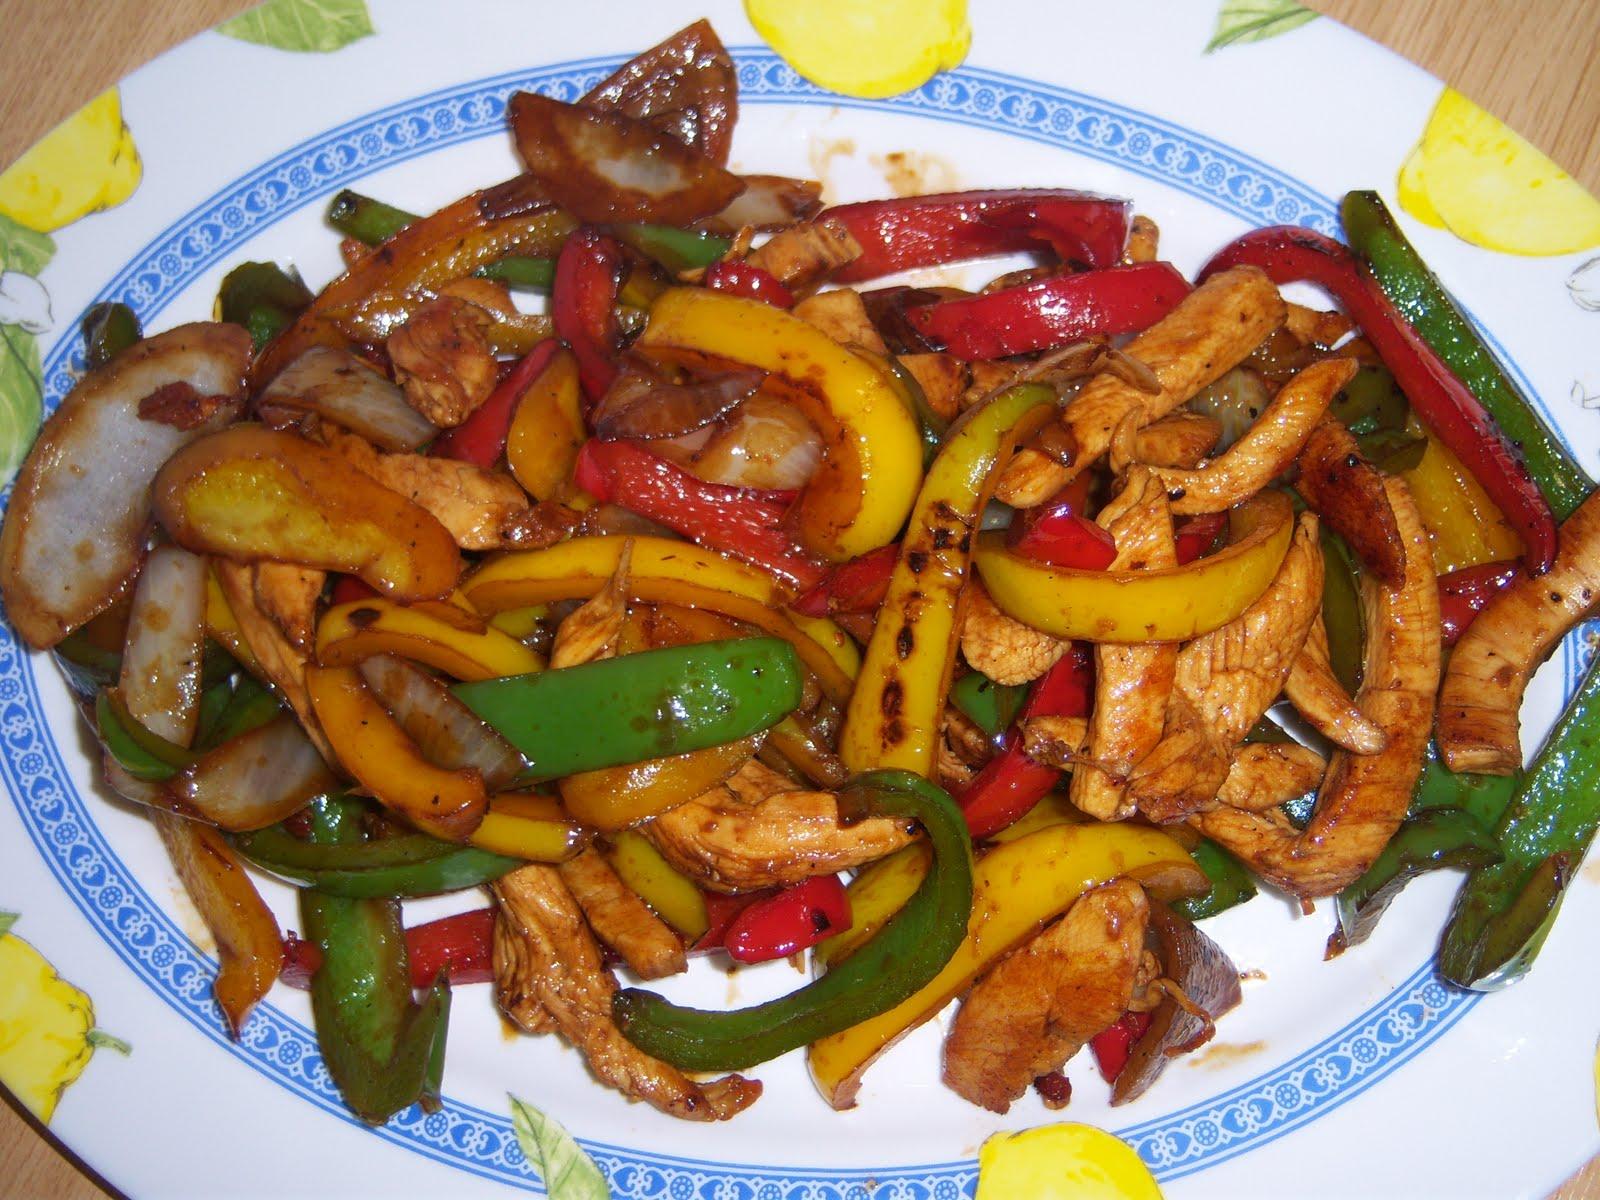 La cocina de las pinuinas salteado de verduras oriental - Comodas orientales ...